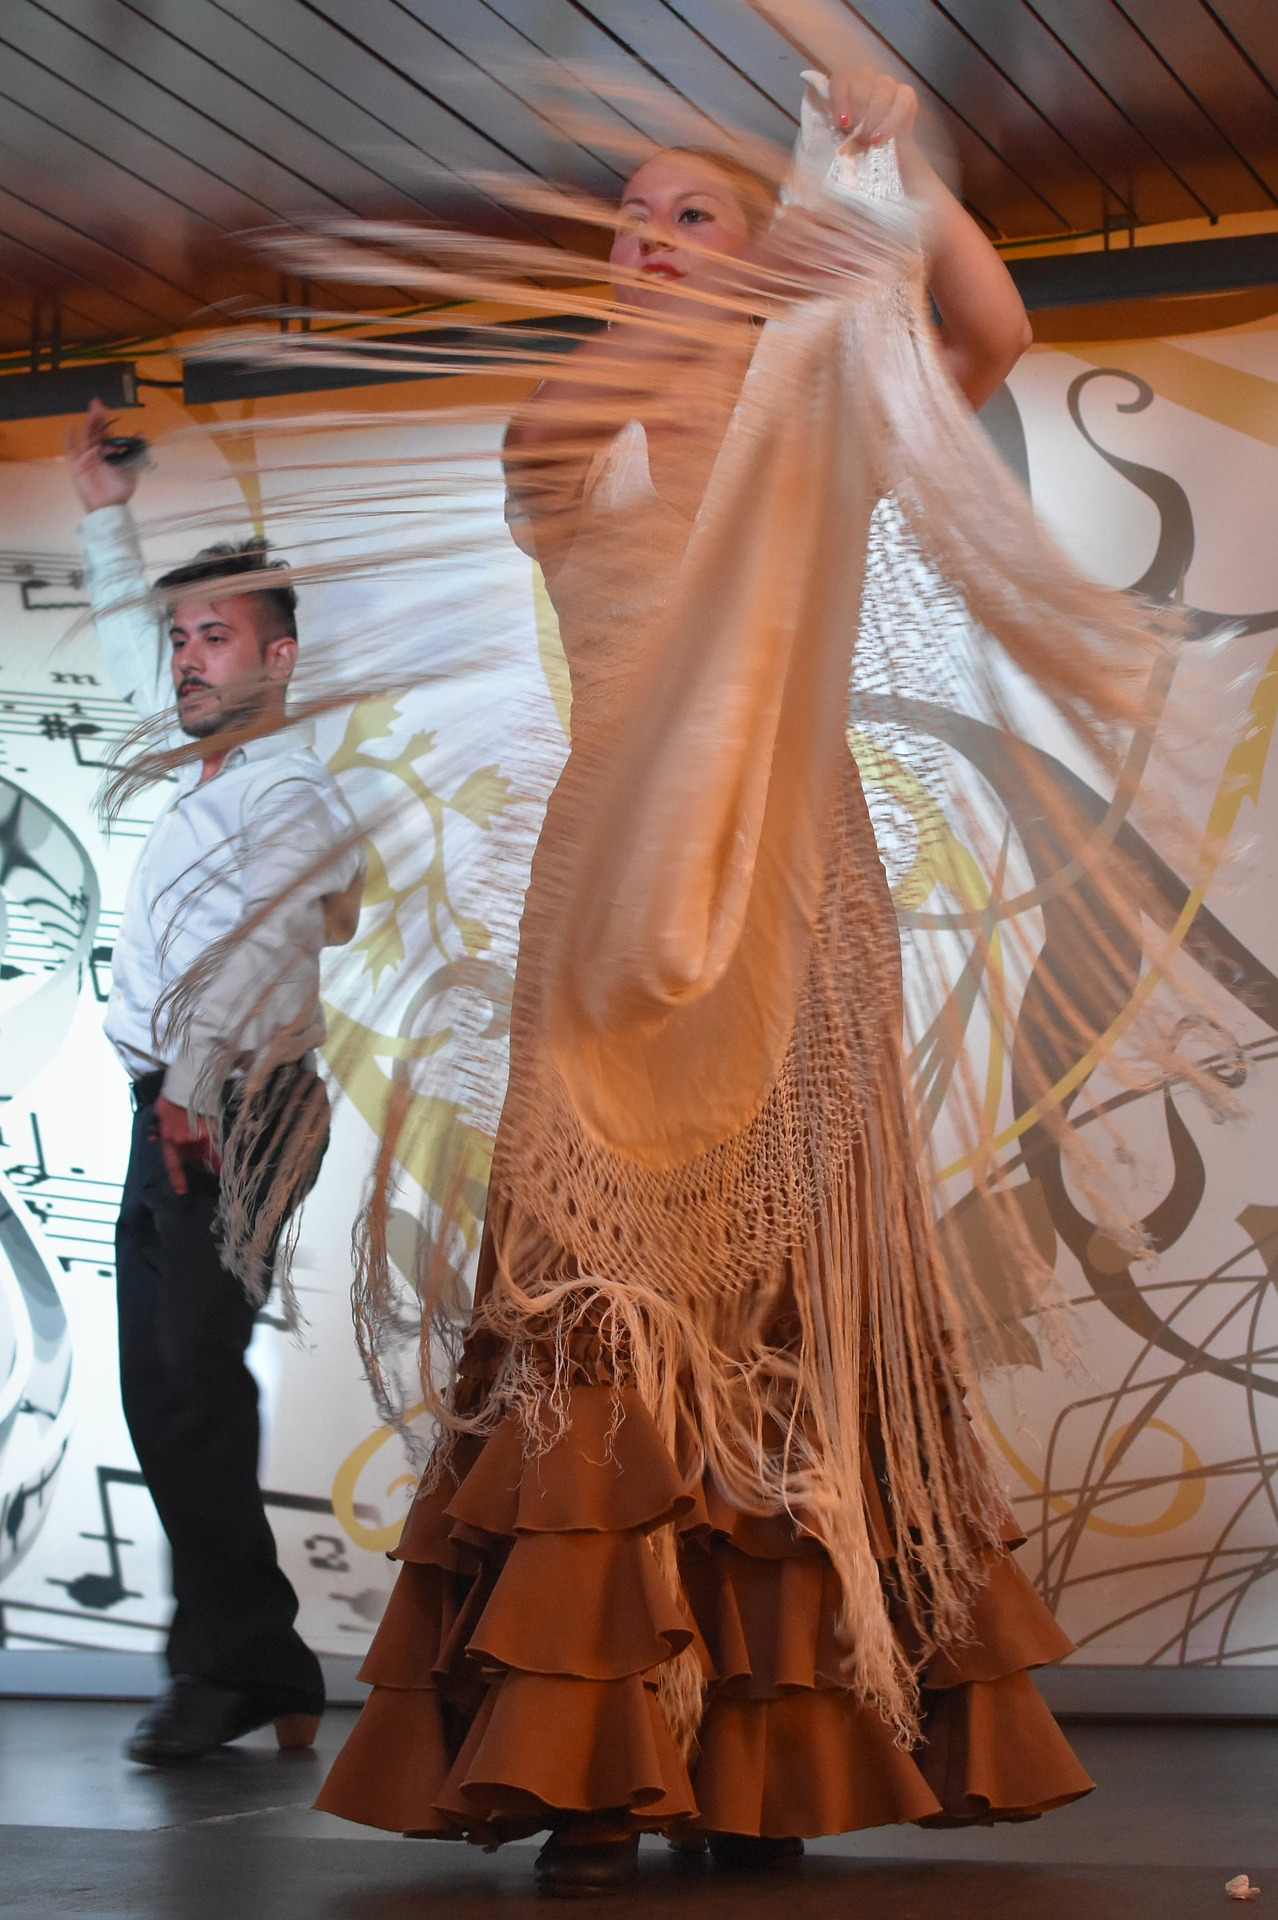 Flamenco (Zdroj:https://pixabay.com/sk/flamenco-tanec-oble%C4%8Denie-%C4%BEudia-1641315/)